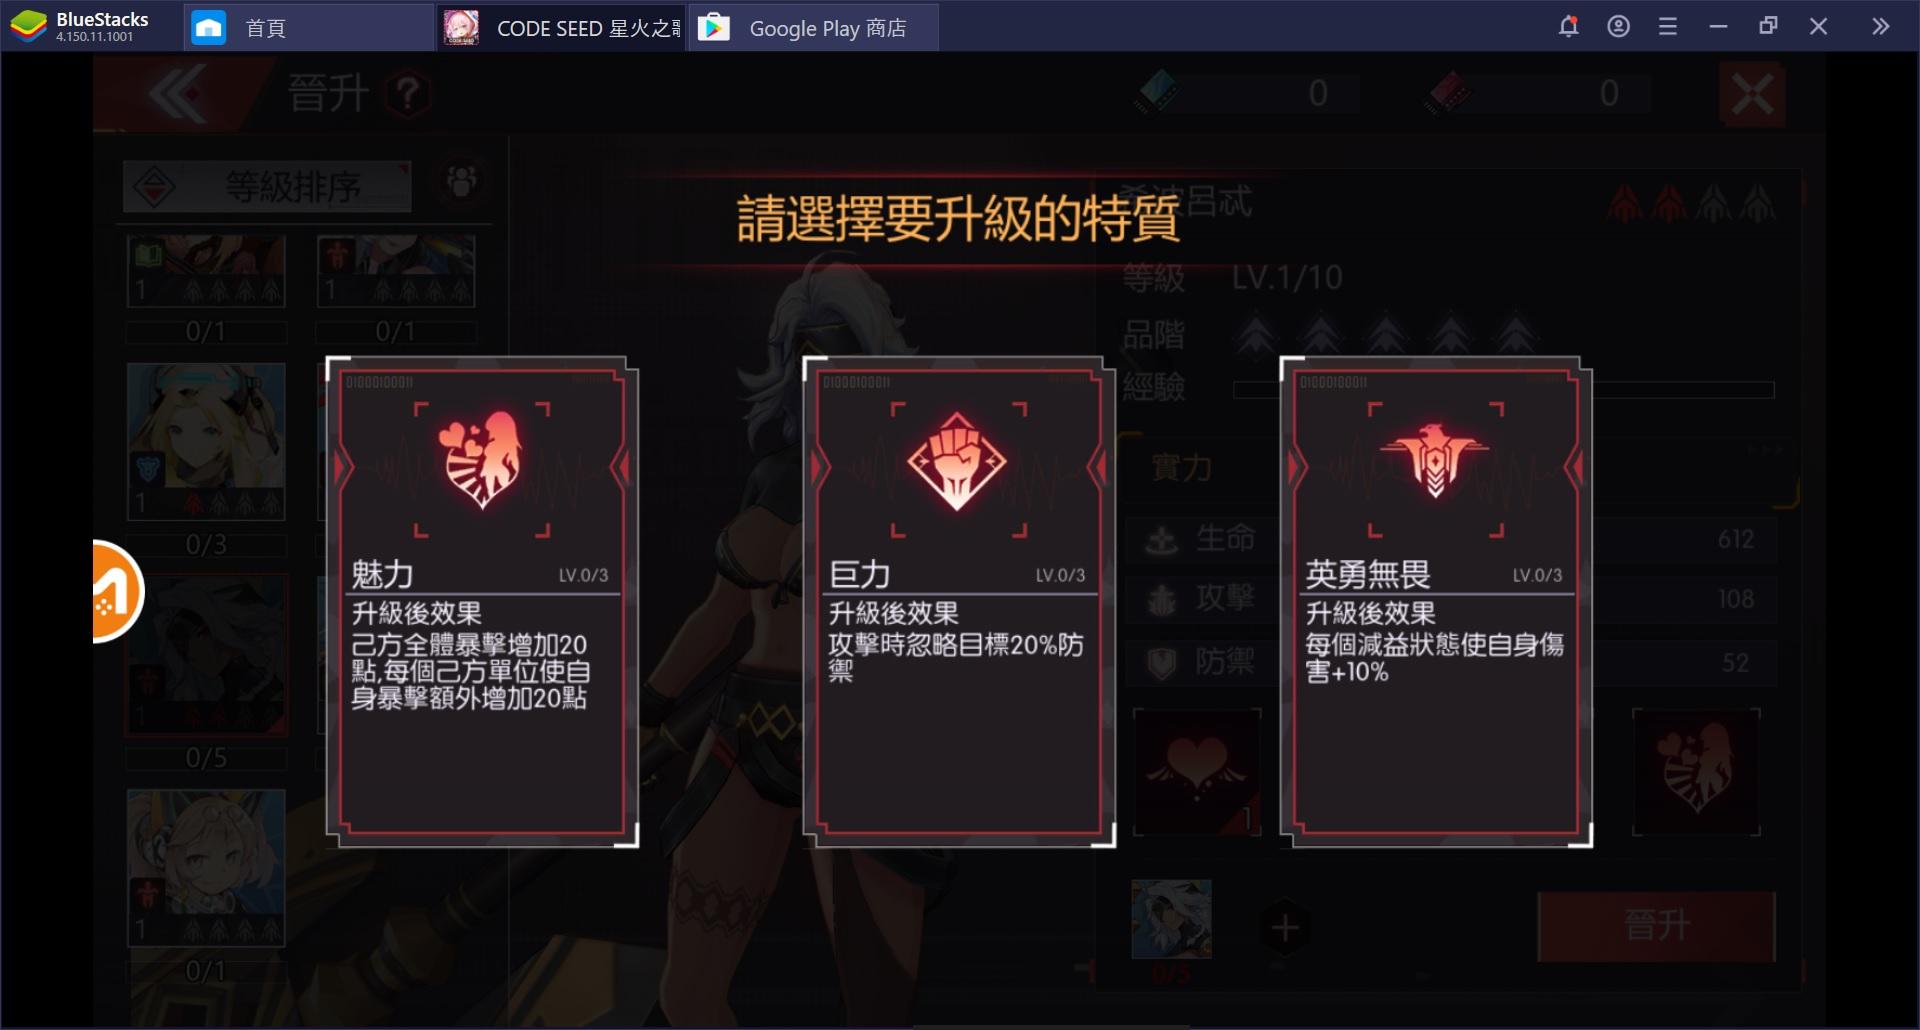 使用BlueStacks在電腦上體驗3D 二次元卡牌戰鬥遊戲 CODE: SEED 星火之歌